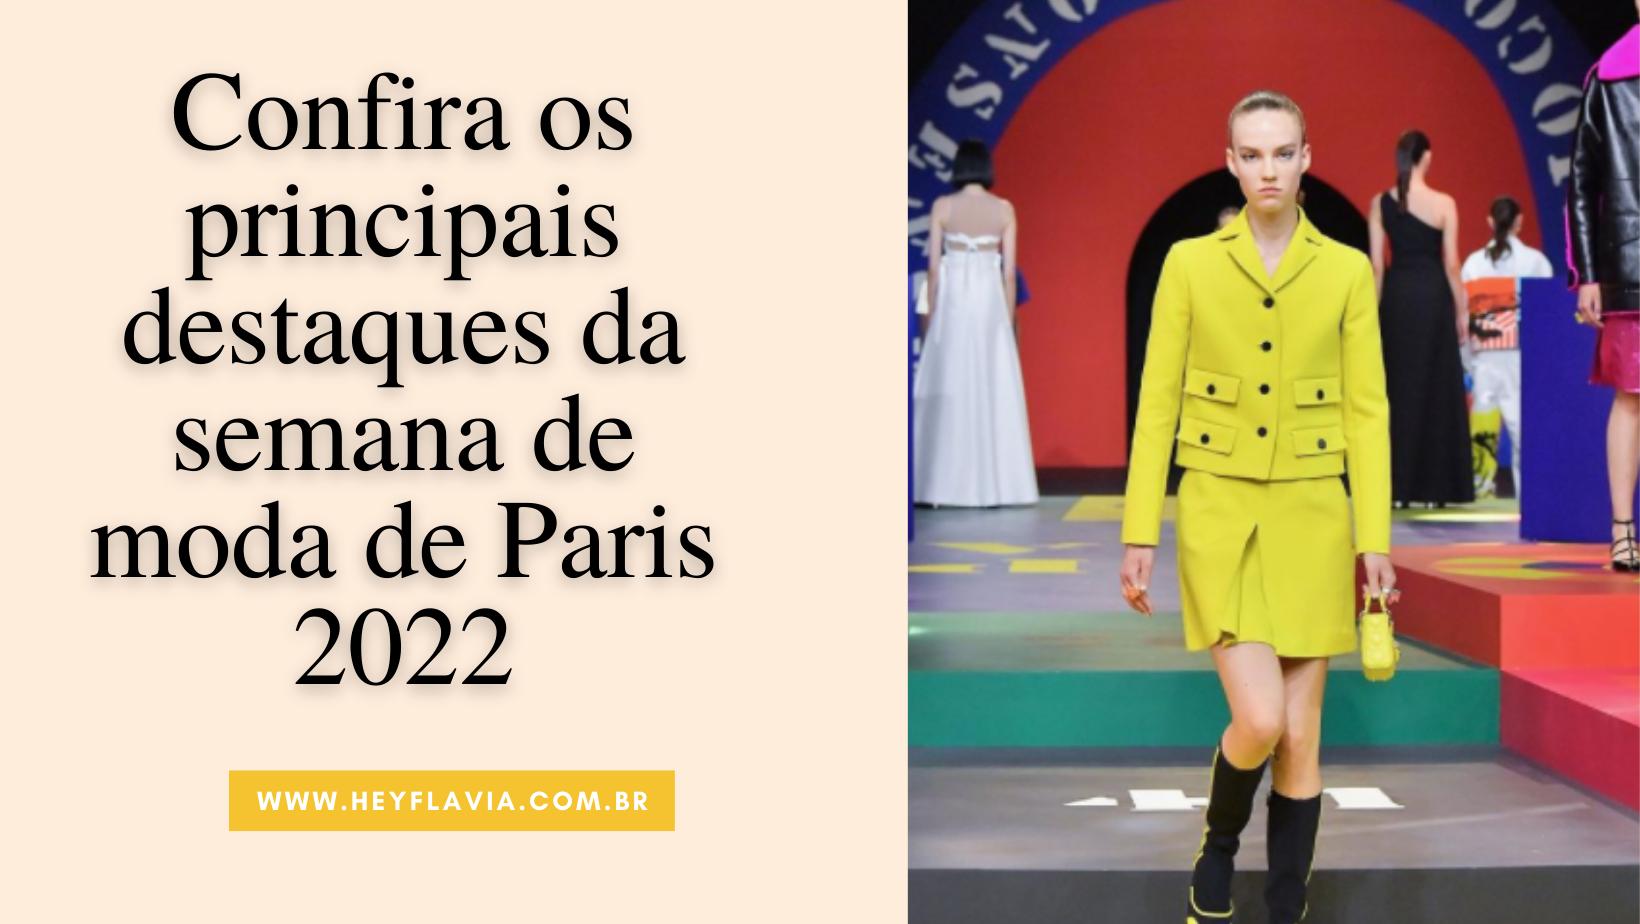 Semana de moda de Paris 2022